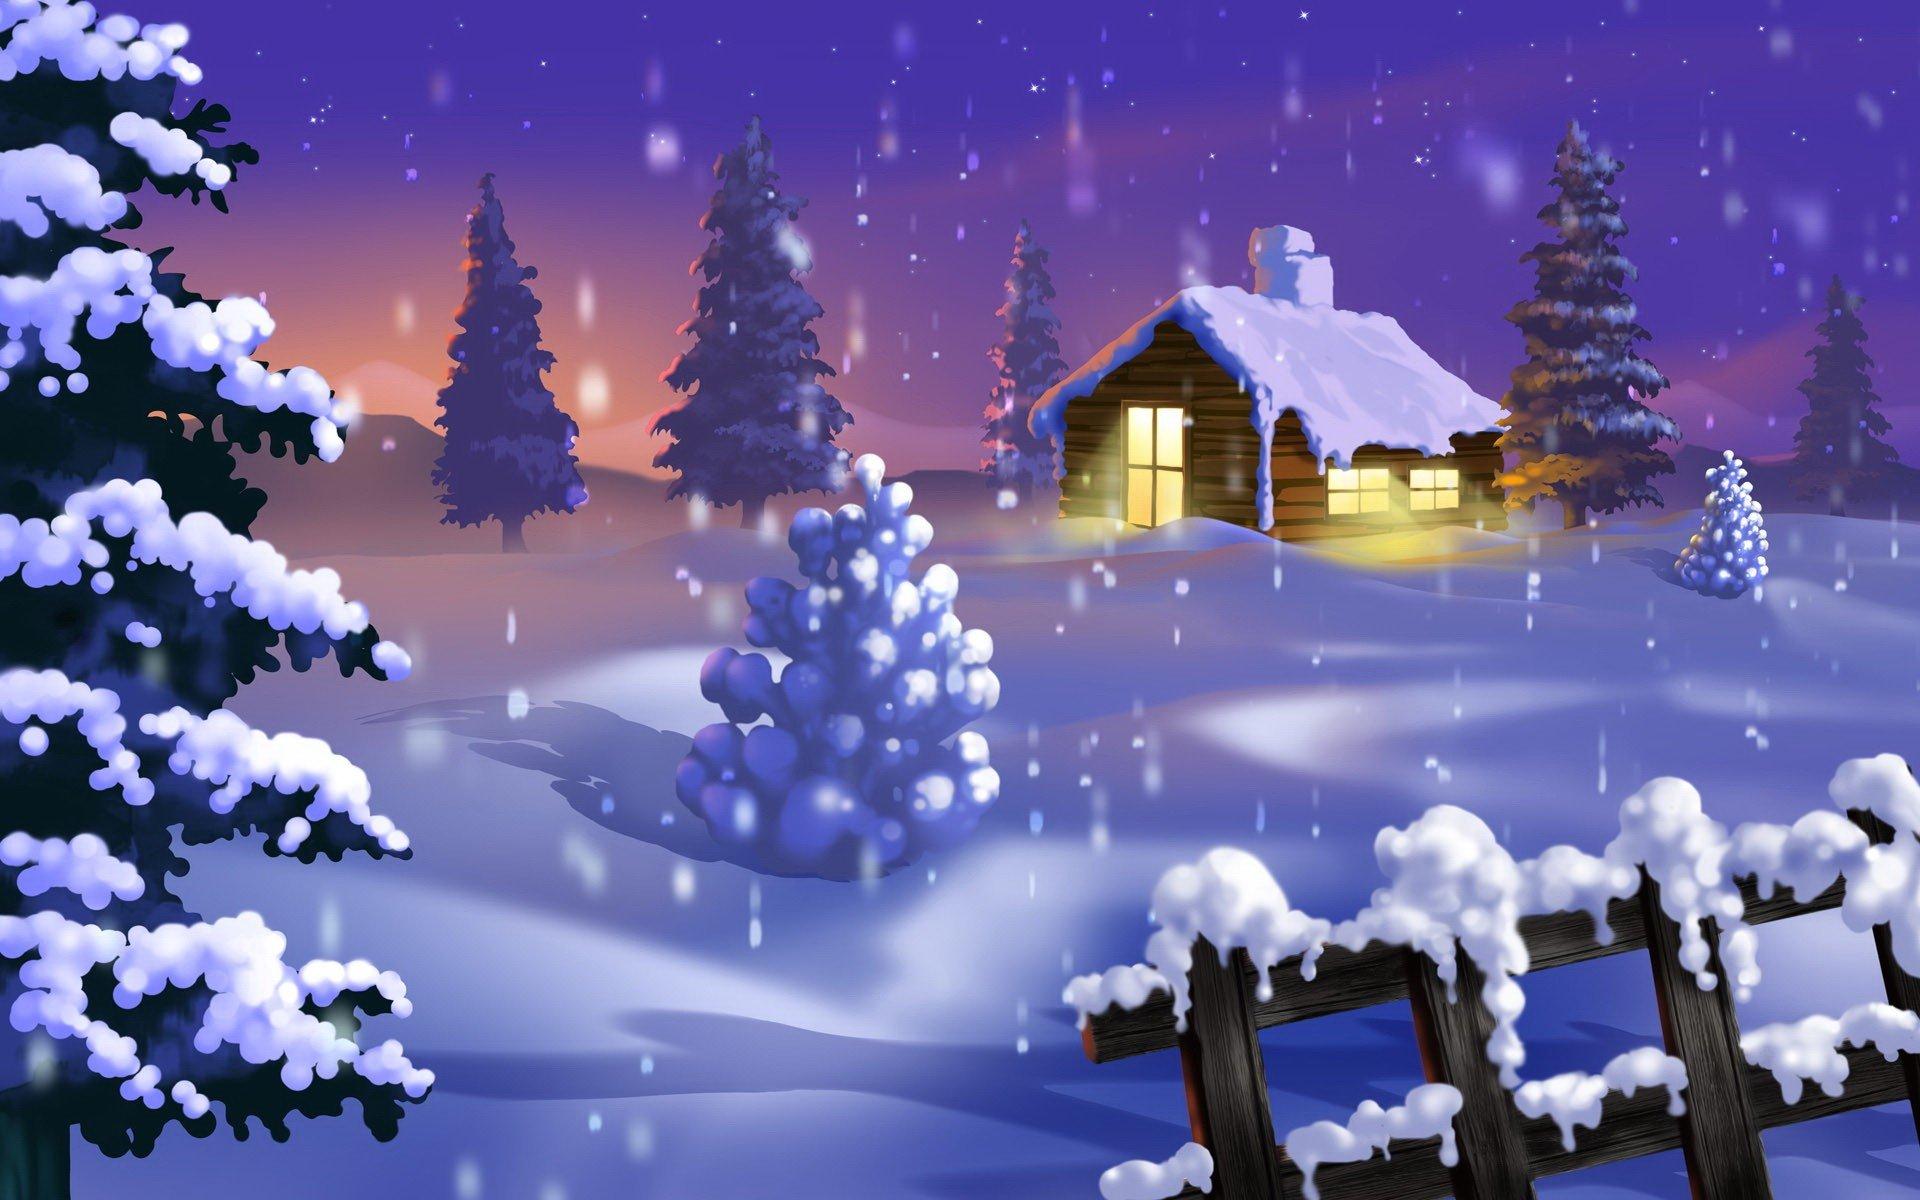 Картинках прозрачном, картинки зимы красивые для детей